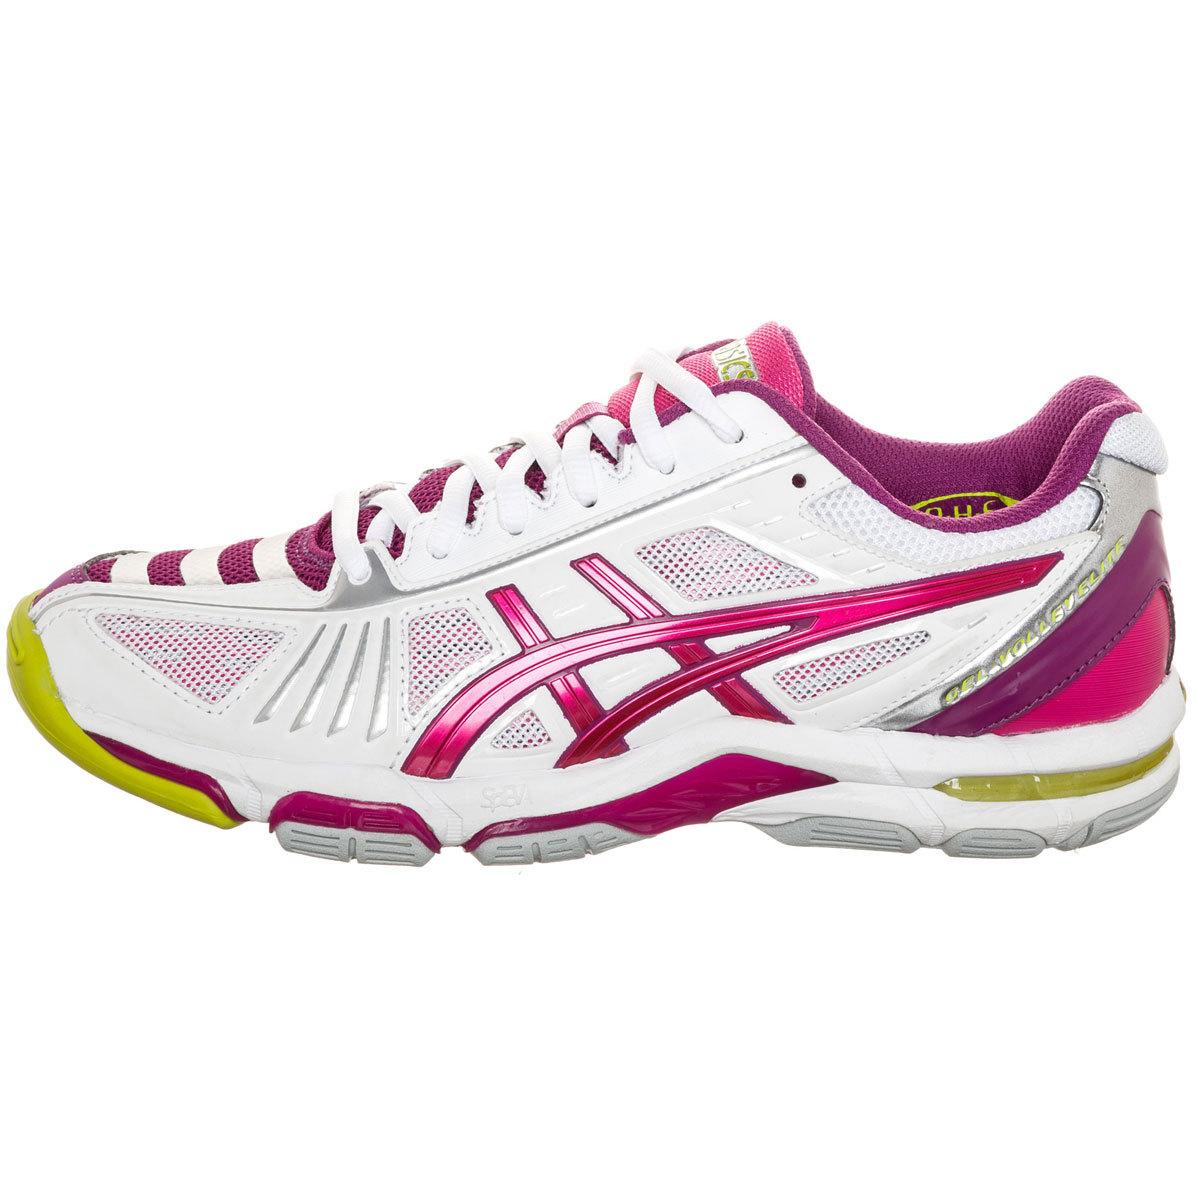 Asics GEL-VOLLEY ELITE 2 Кроссовки волейбольные женские pink